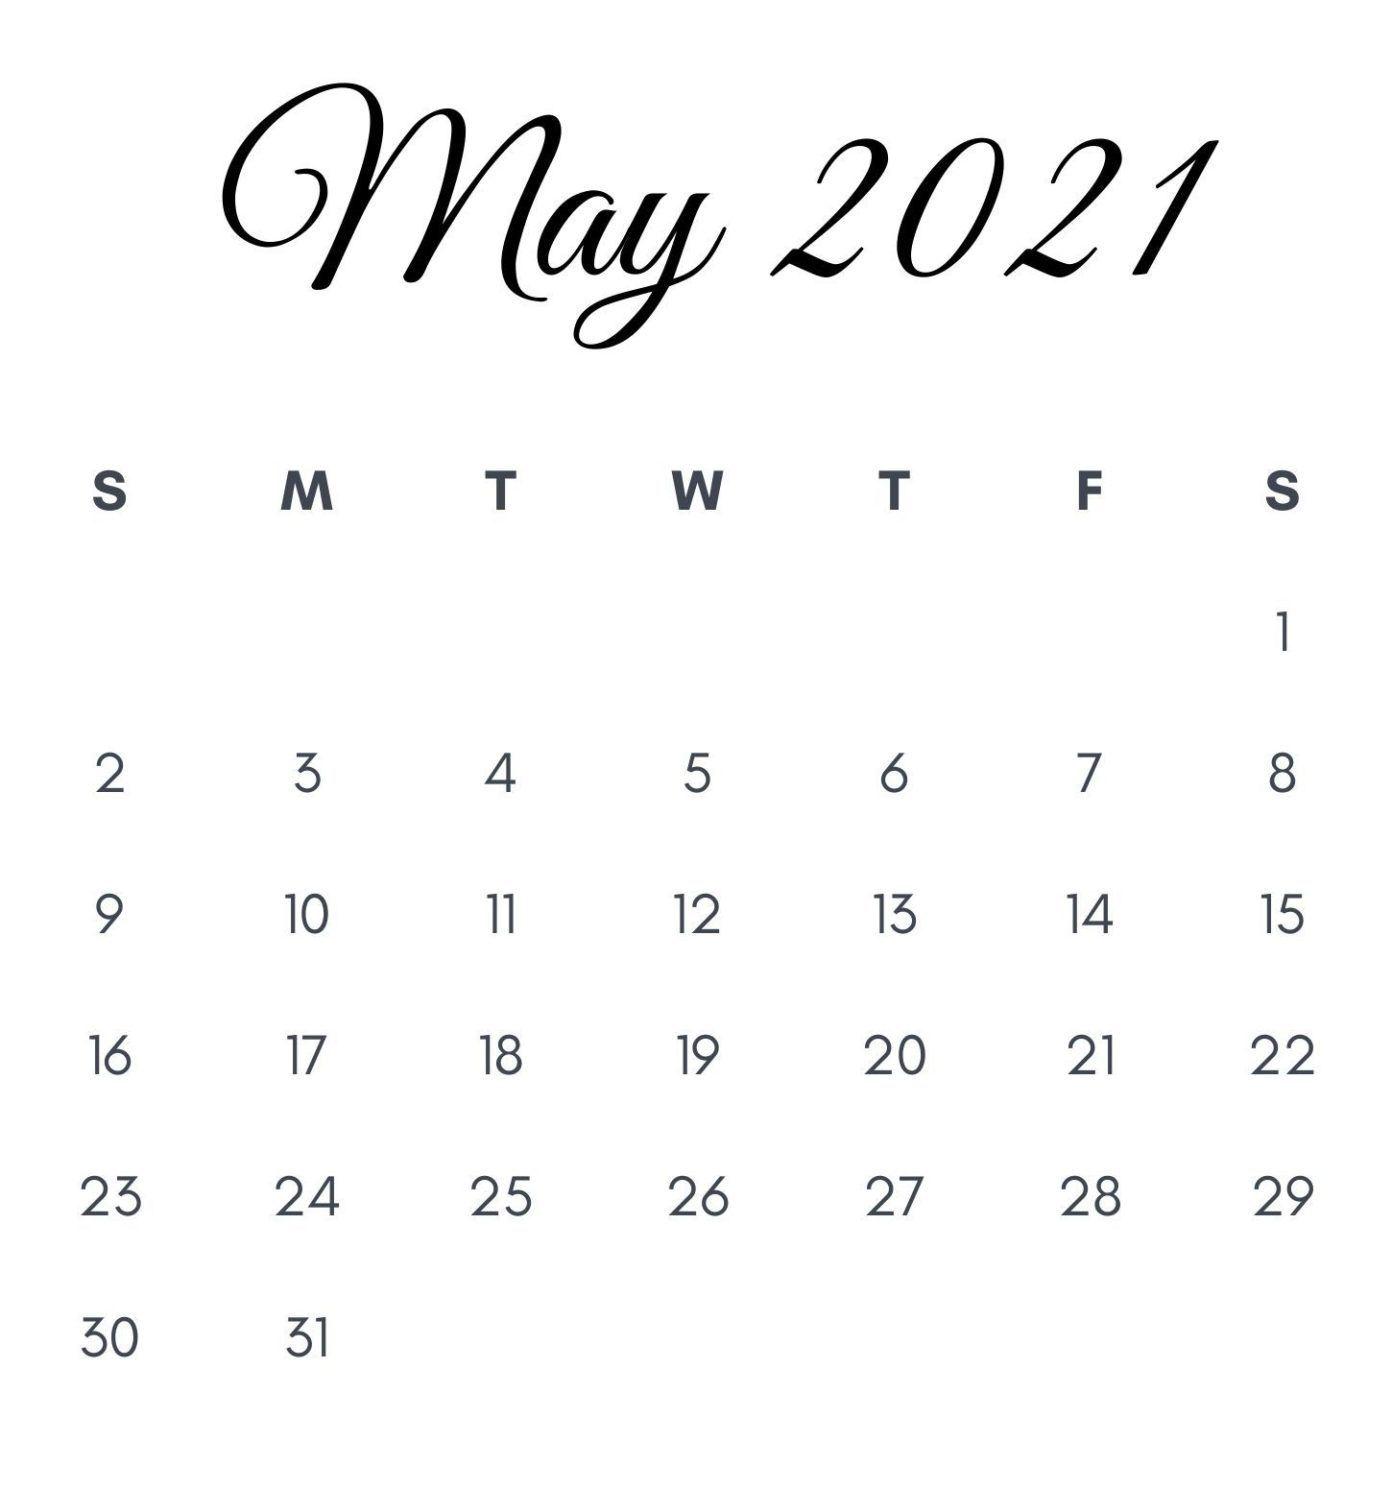 May 2021 Calendar For Desk